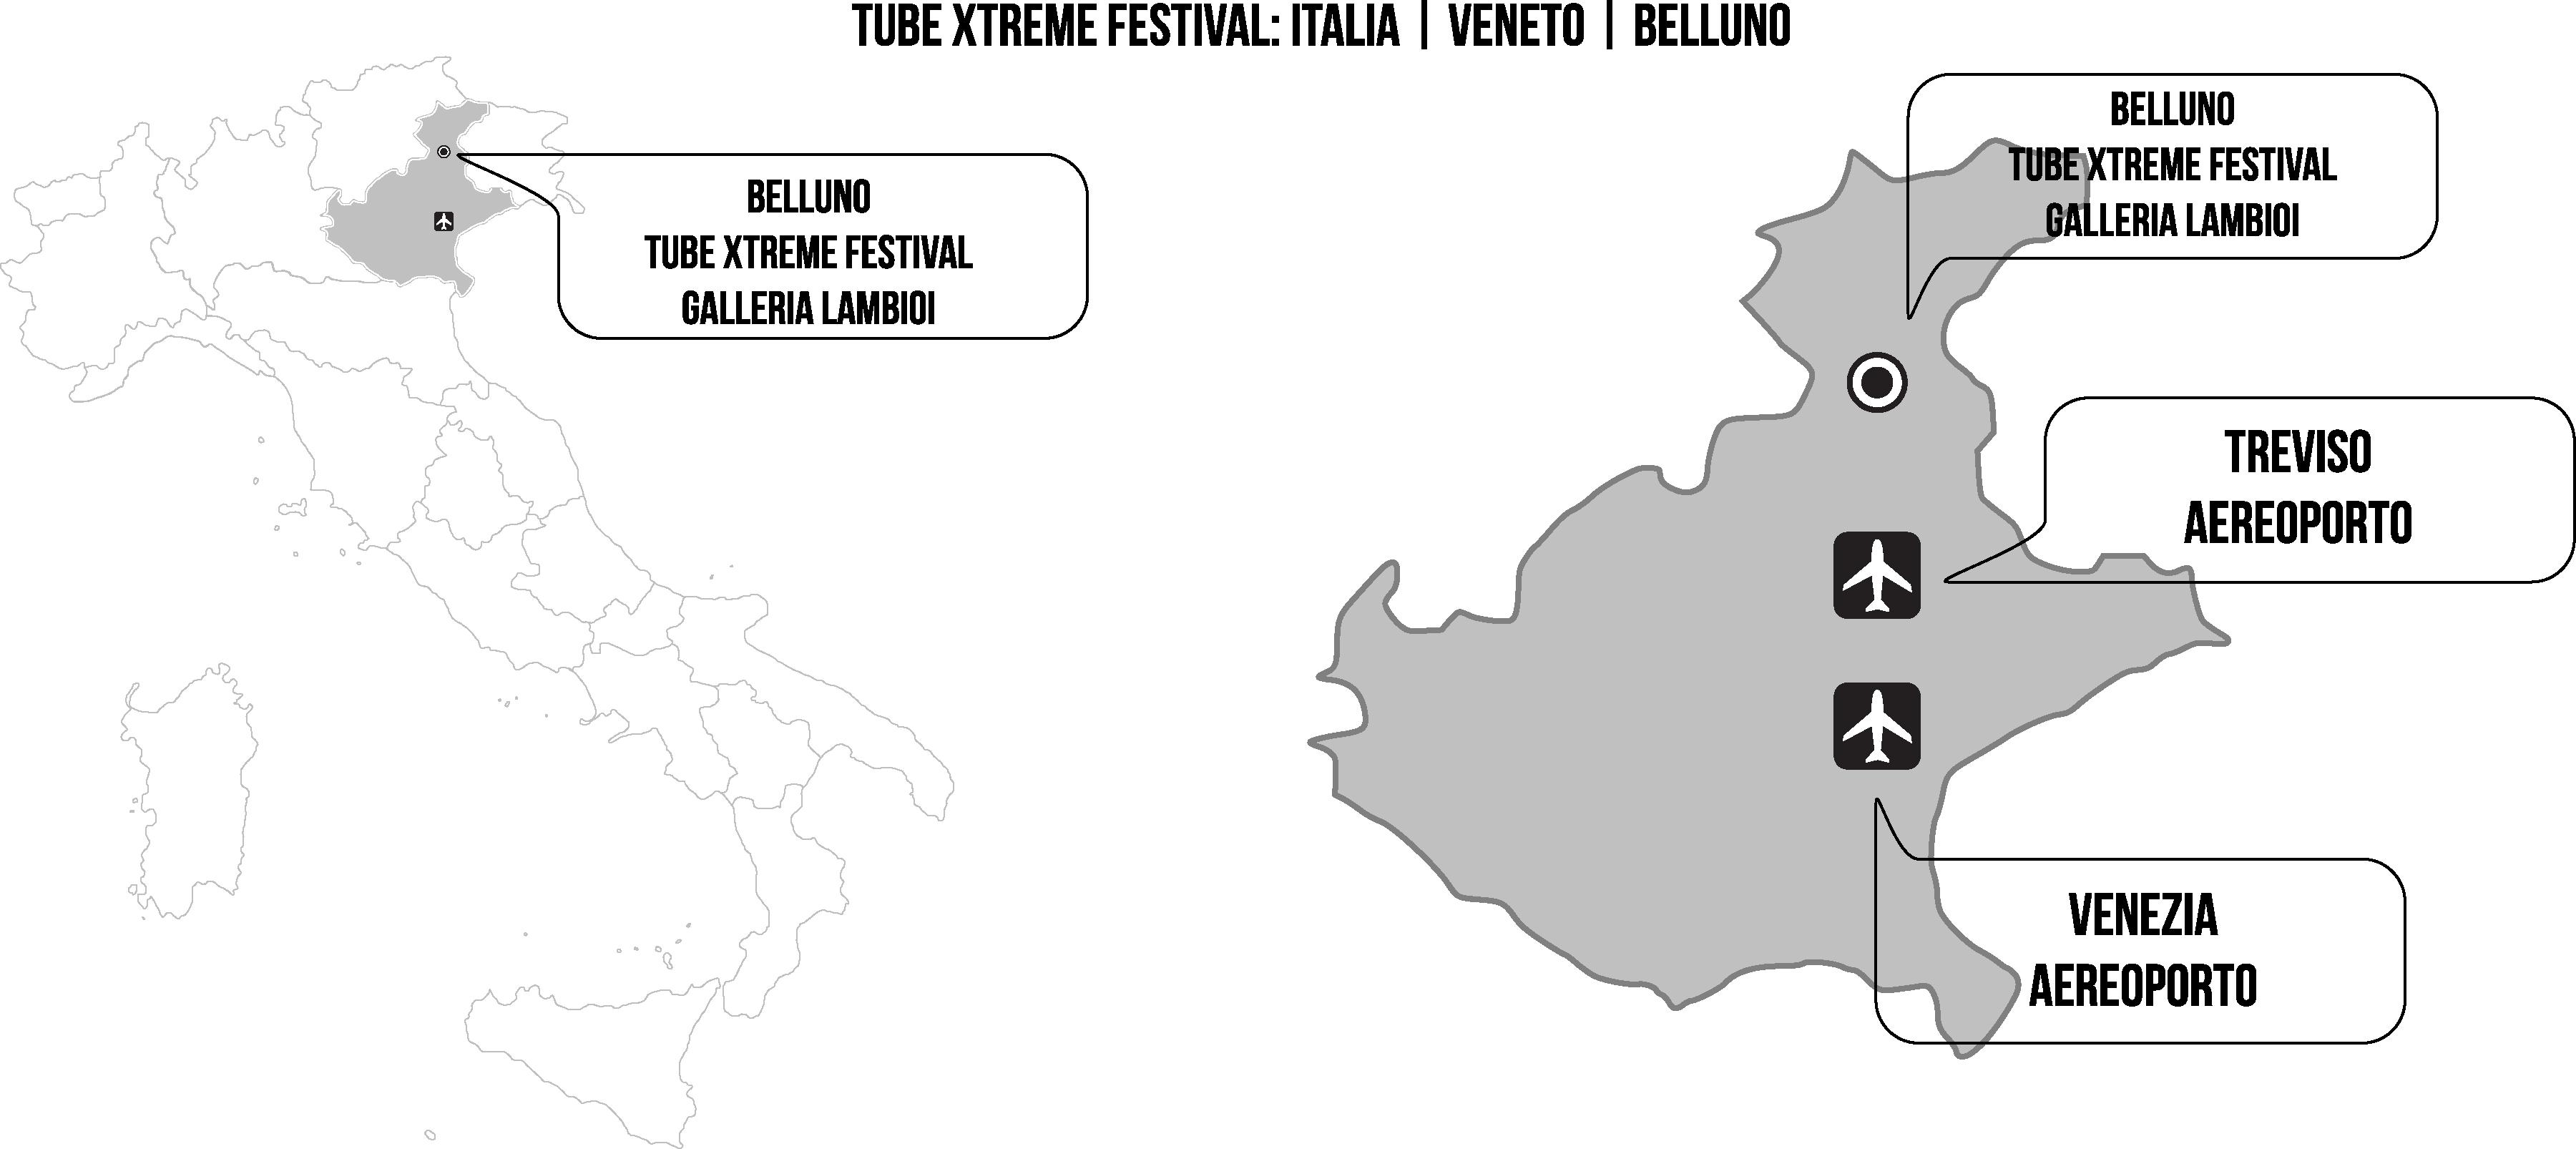 Tube Xtreme Festival - Mappa su come arrivare a Belluno